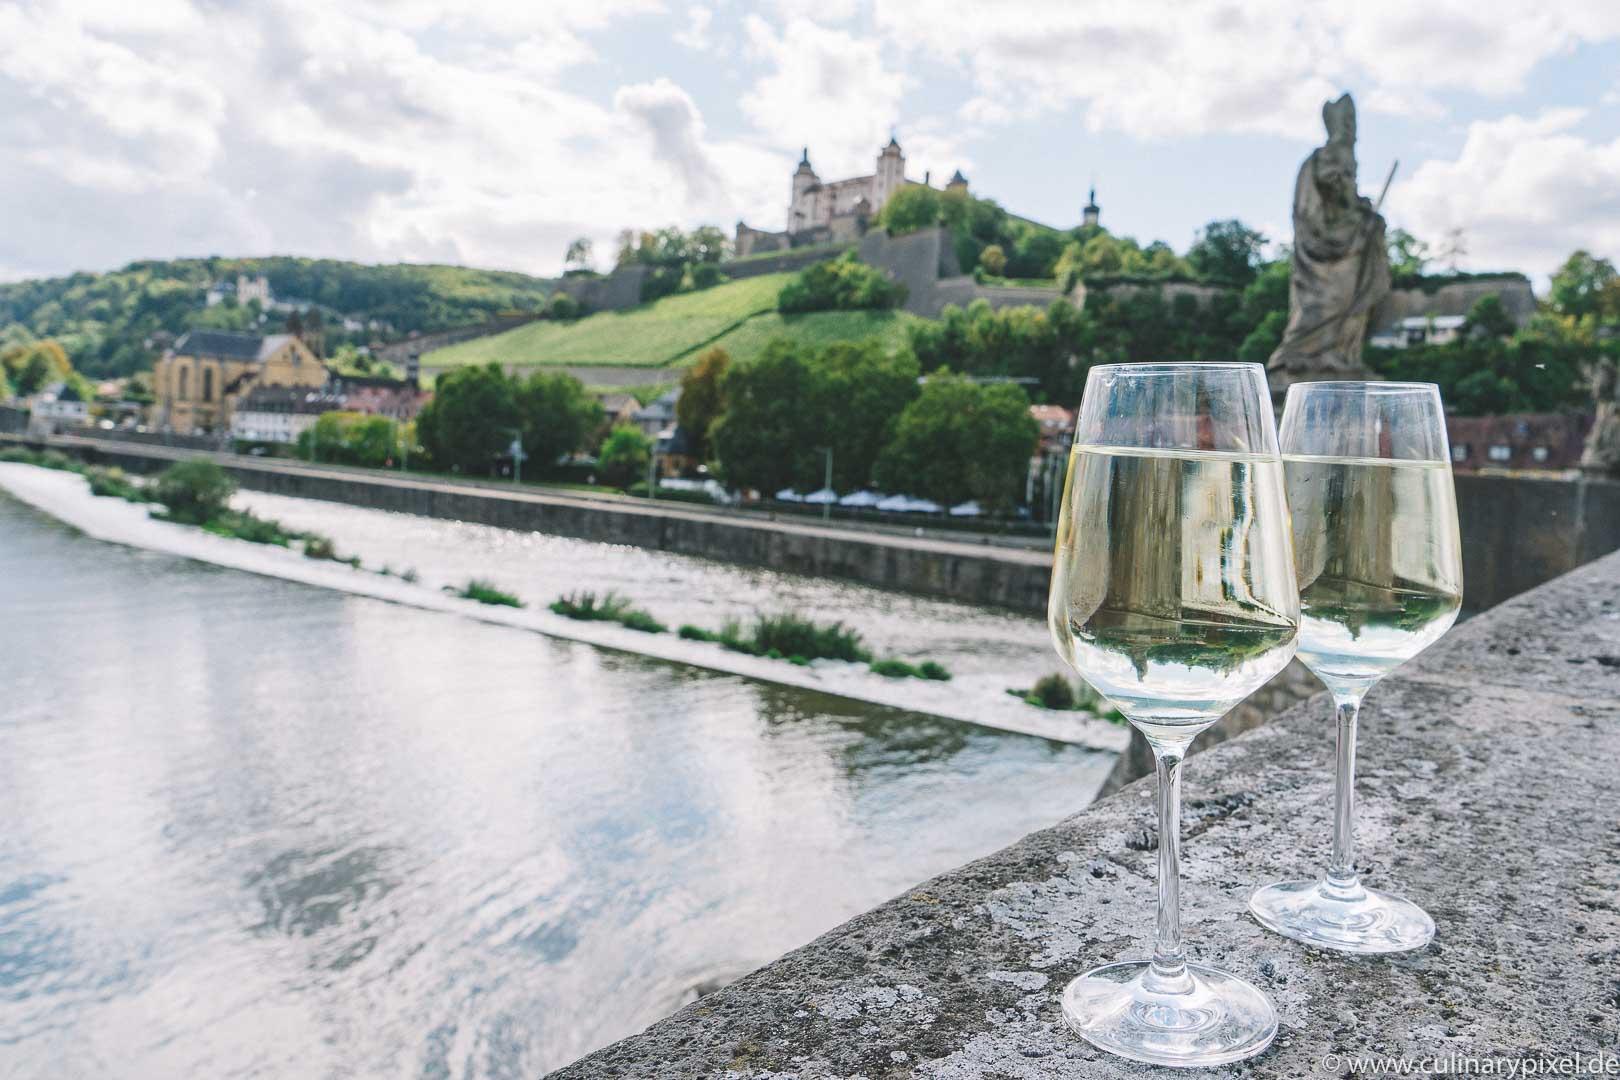 Würzburg: Kulinarischer City Guide mit Restaurants, Cafés, kulinarischen Tipps zum Einkaufen und Weingütern